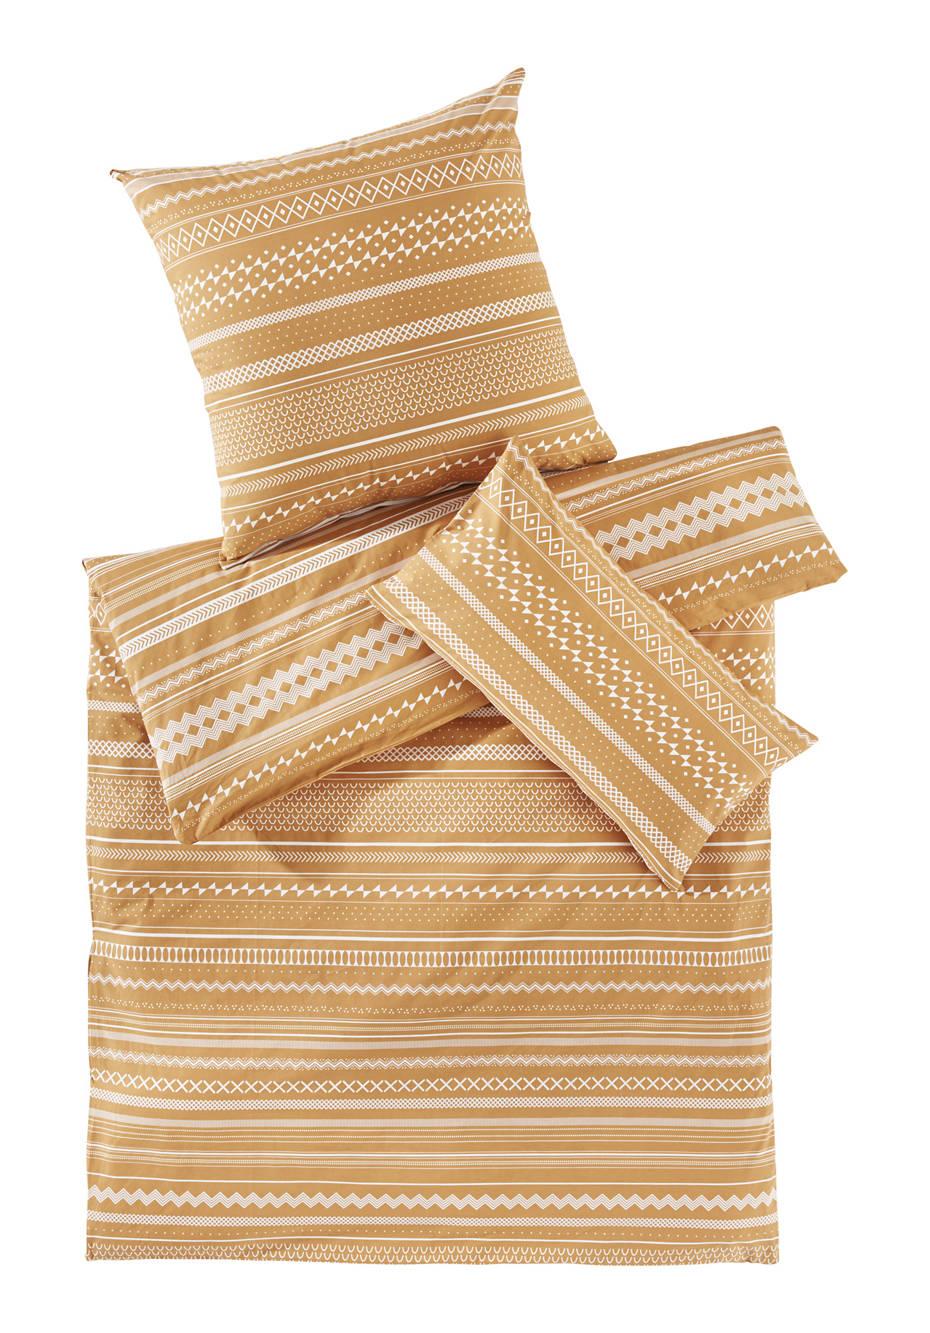 Renforcé-Bettwäsche Millimini aus reiner Bio-Baumwolle